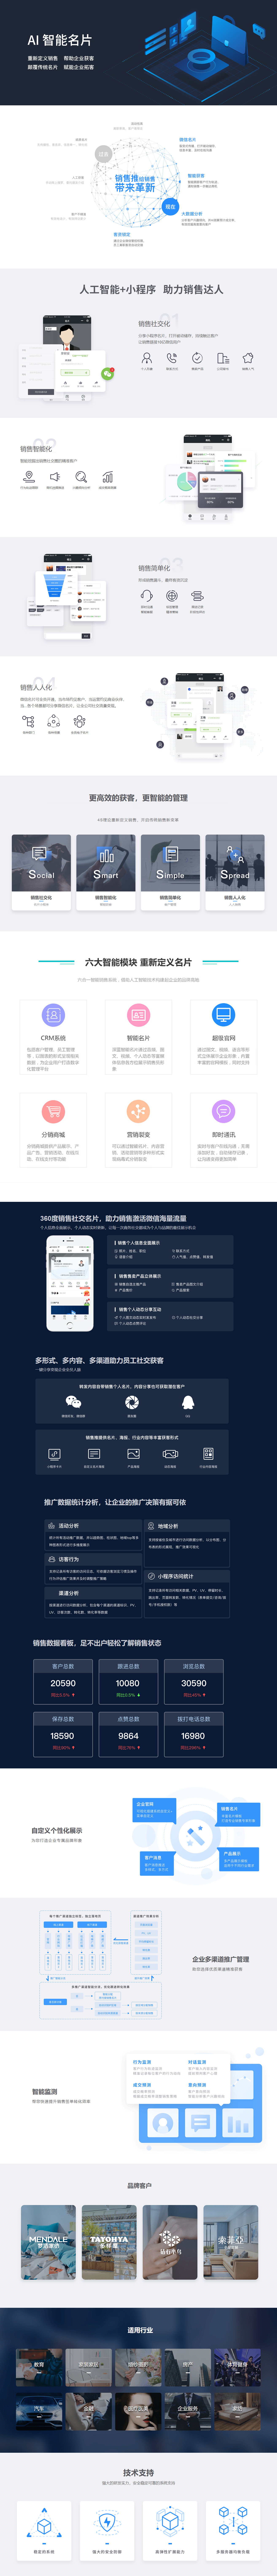 轻站AI智能名片详细页.jpg